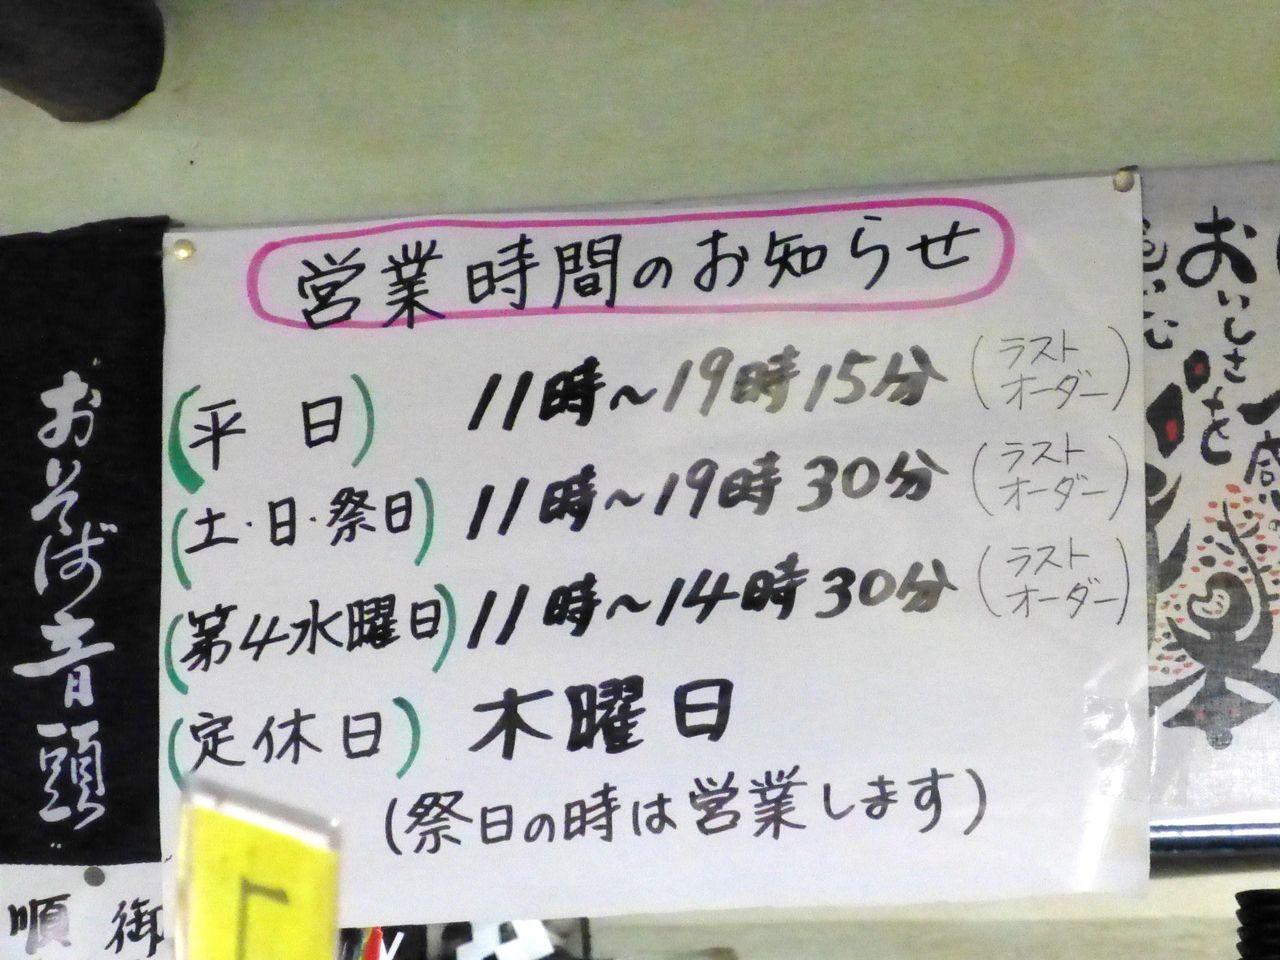 野村屋の営業時間(25年9月現在)